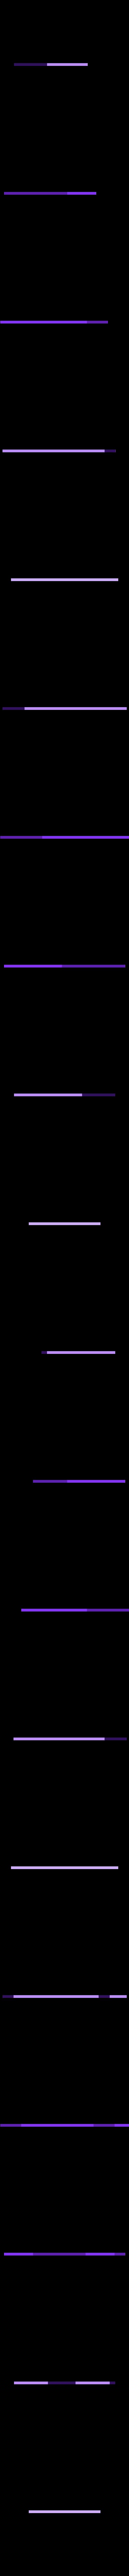 40k_9th_ed_measure_tool_-_Slaanesh_v1.stl Télécharger fichier STL gratuit Un outil de mesure rigide Warhammer 40k pour la 9ème édition • Objet pour imprimante 3D, seanbaker408